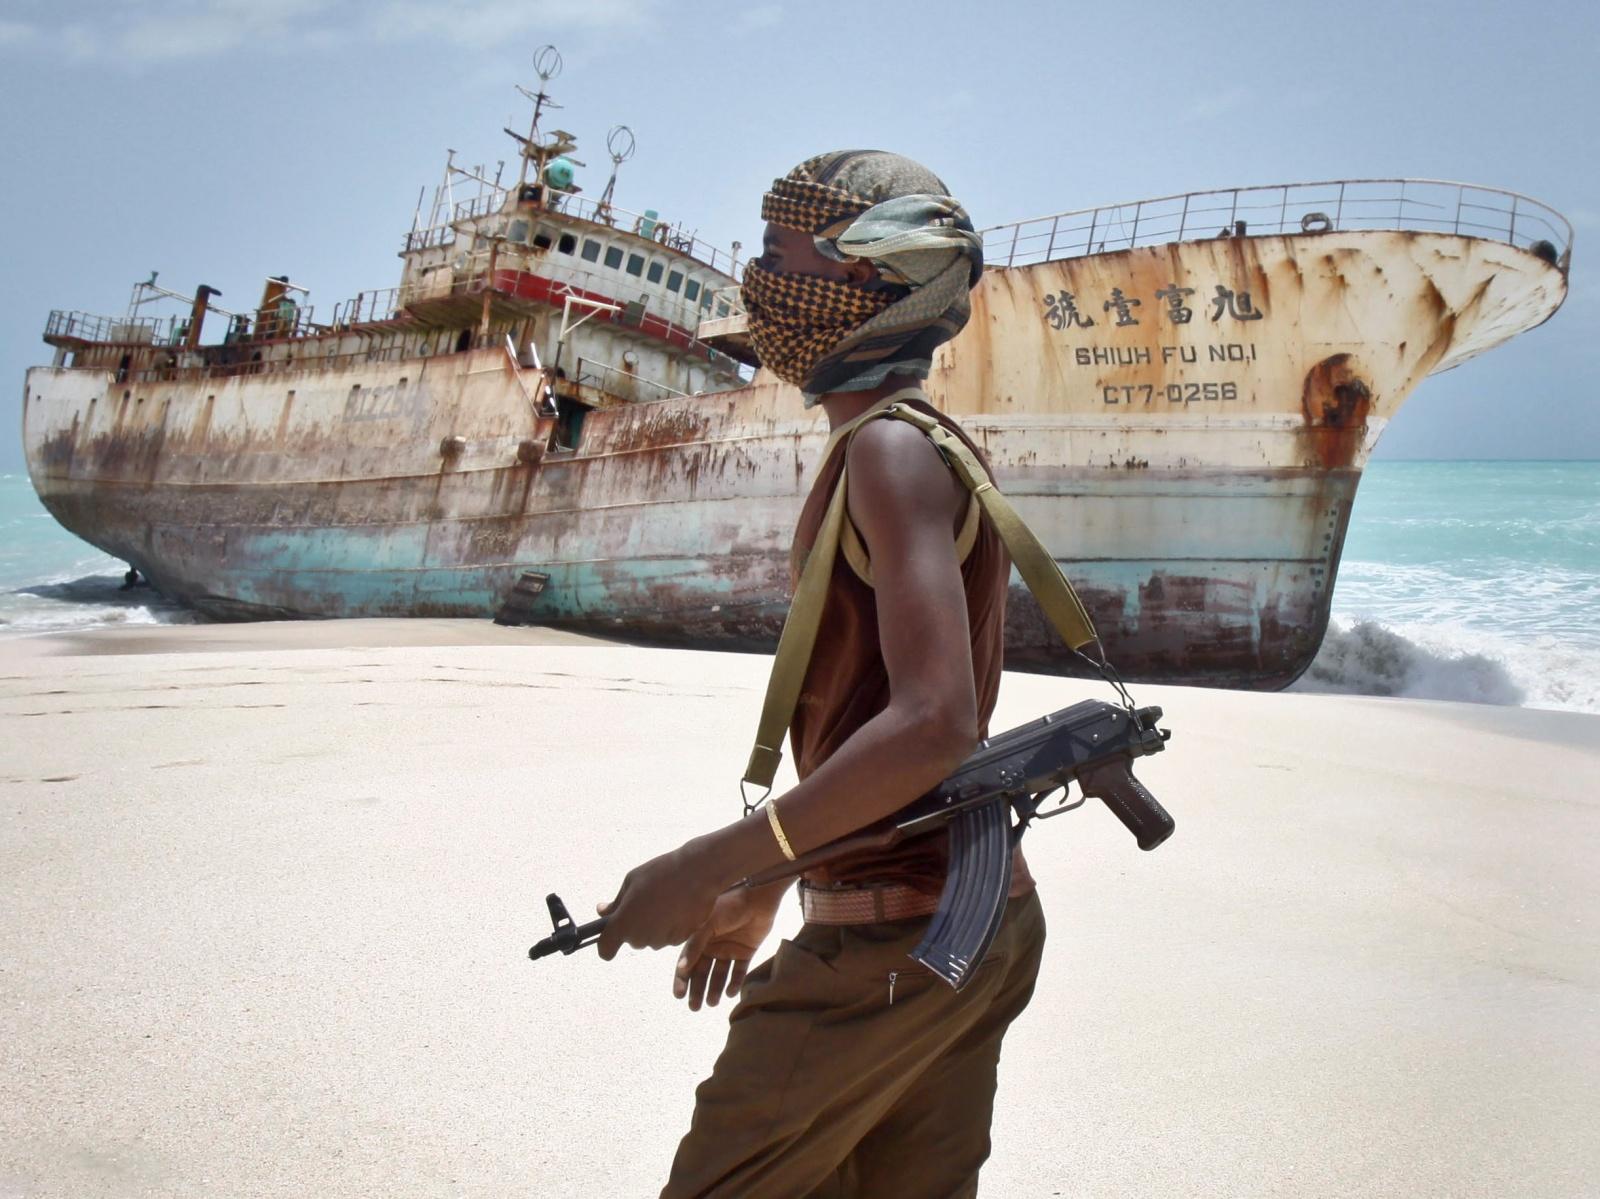 Пираты взломали компьютерную систему судоходной компании для того, чтобы получить список кораблей для грабежа - 2